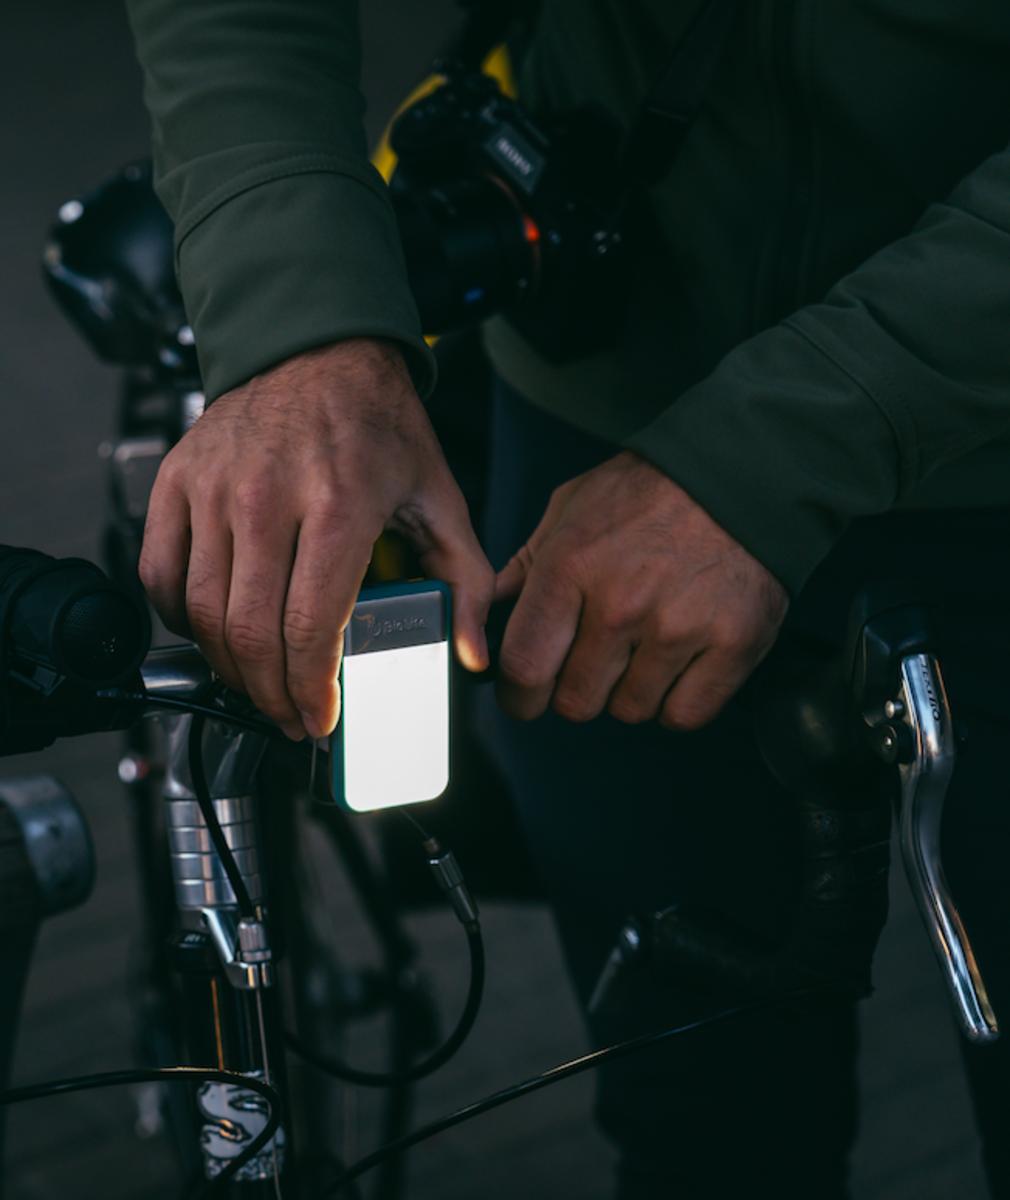 Biolite Bike Light